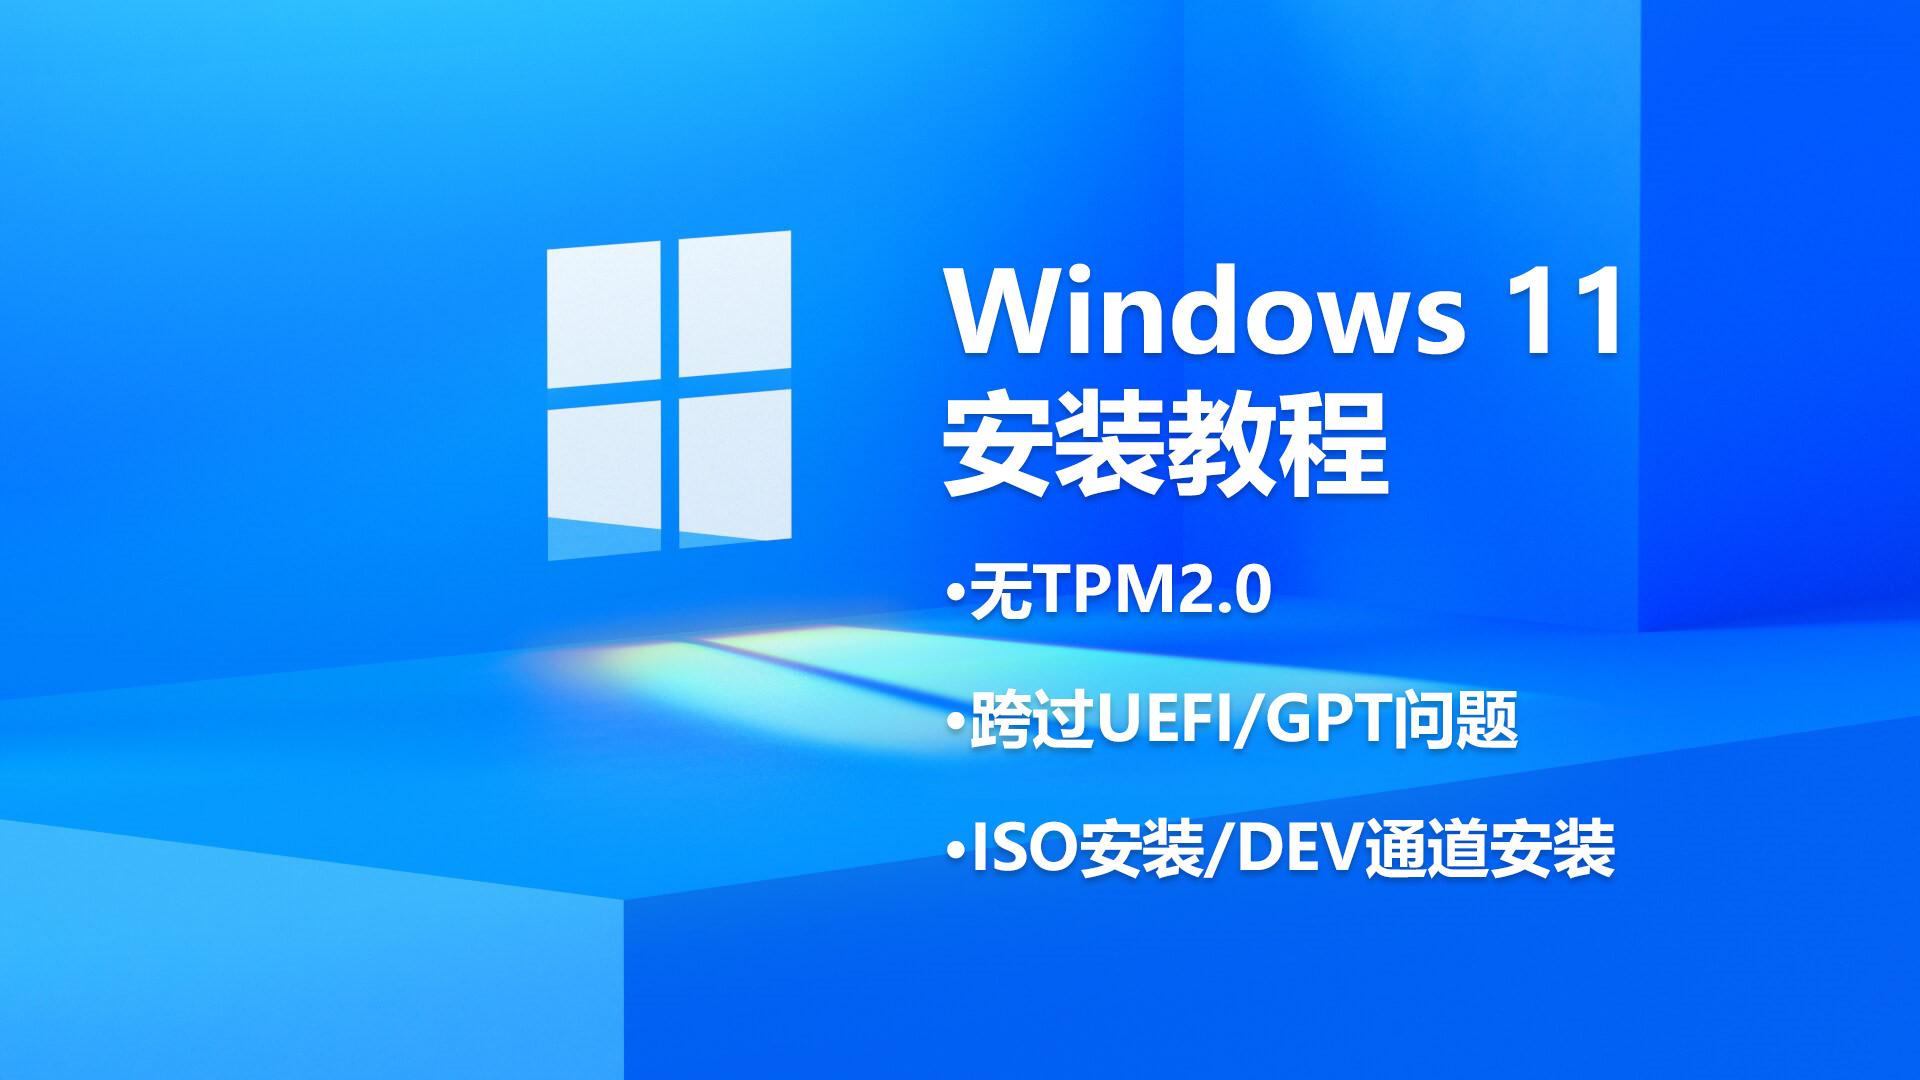 在多个场景下安装Windows 11教程|包括有无TPM2,UEFI、GPT问题,ISO和DEV通道安装方式